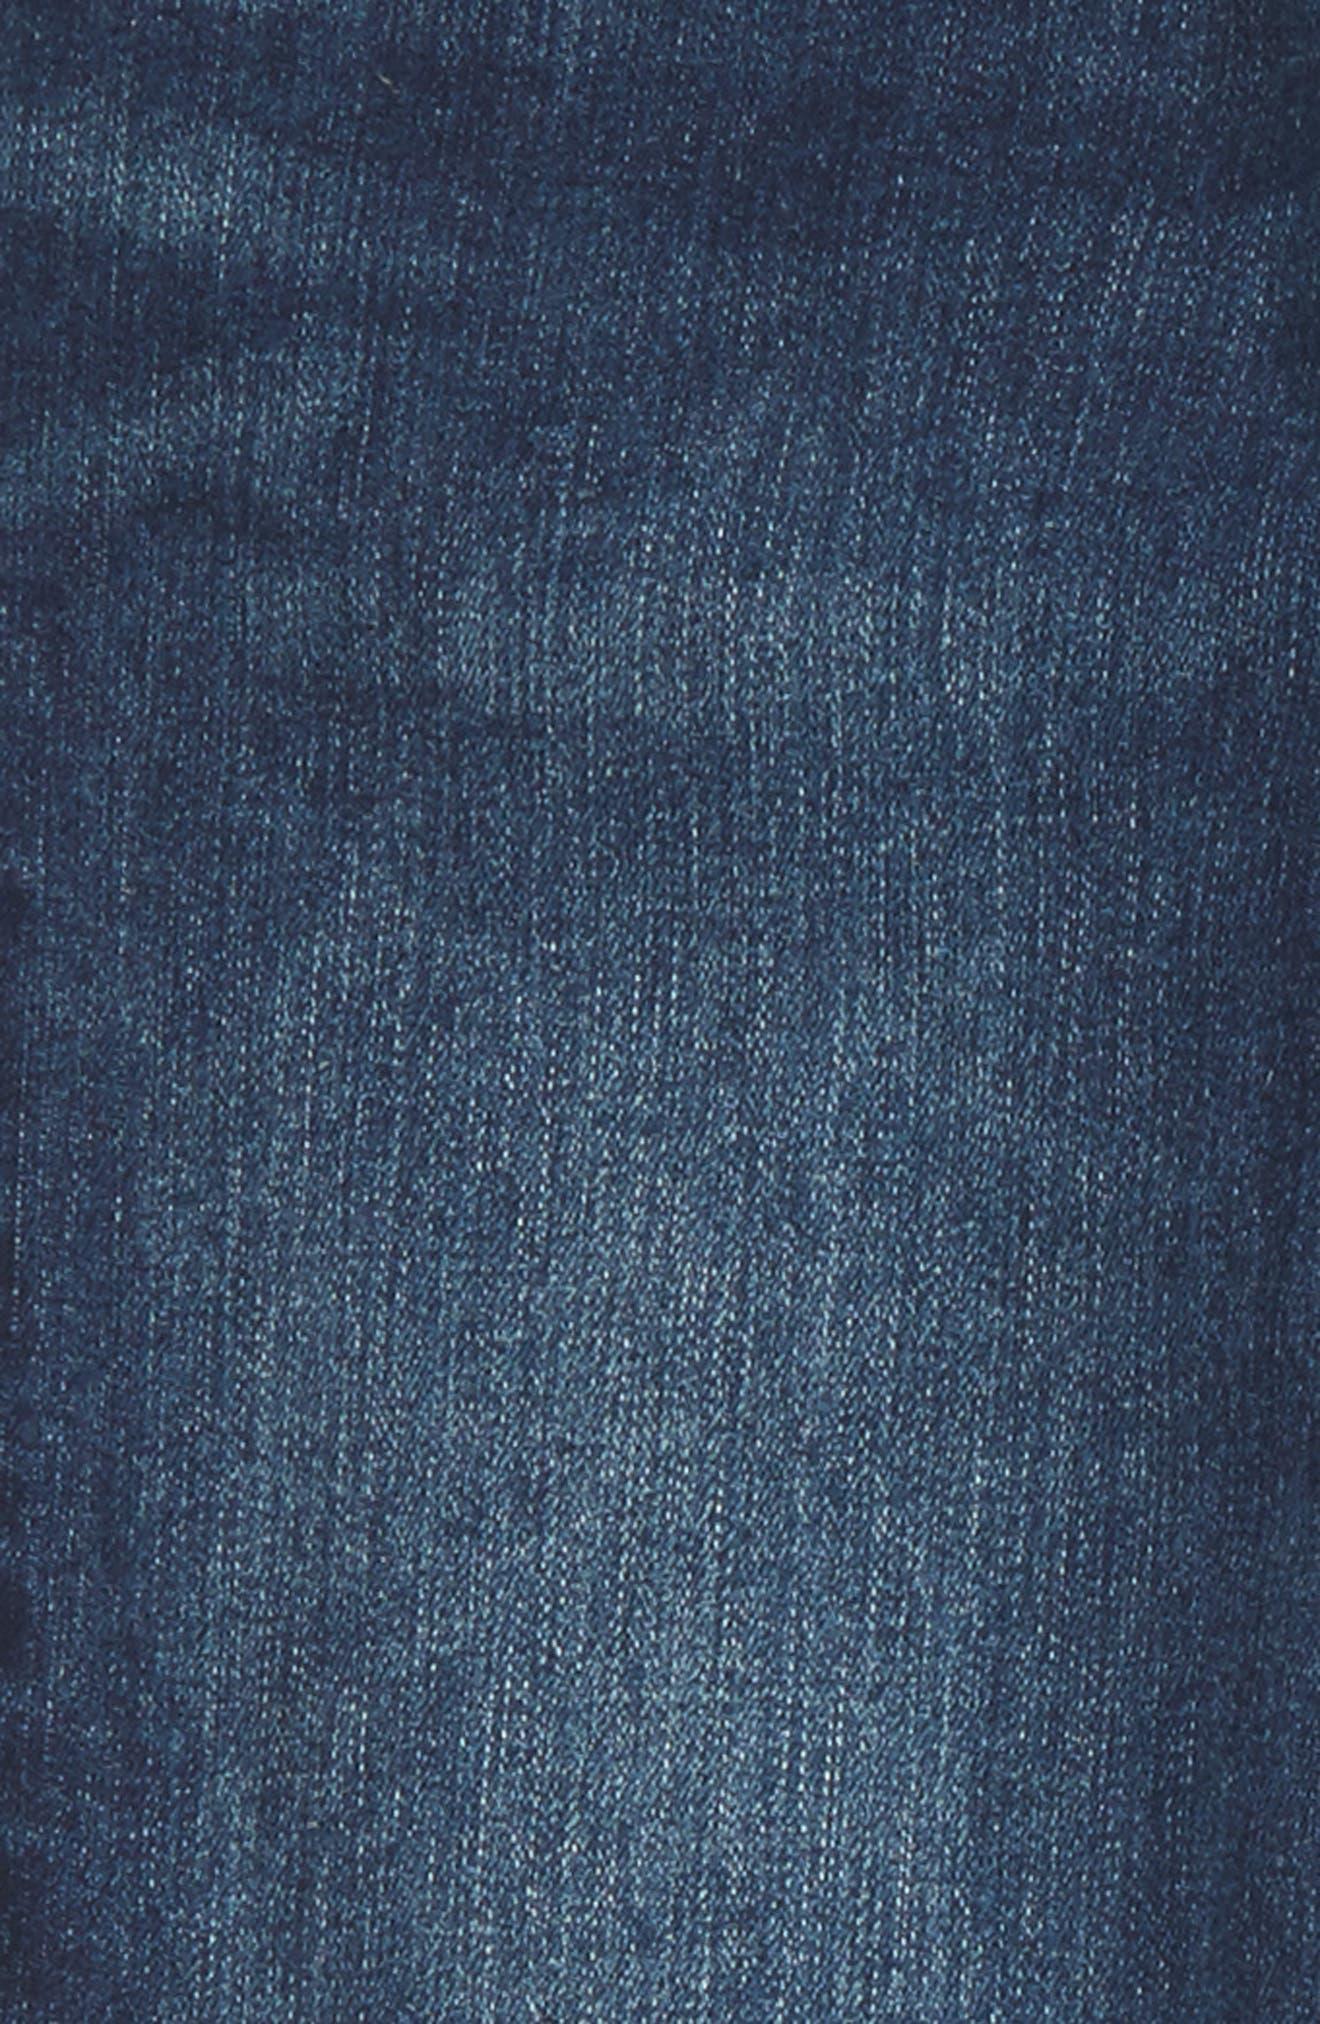 Fray Hem Skinny Jeans,                             Alternate thumbnail 3, color,                             407